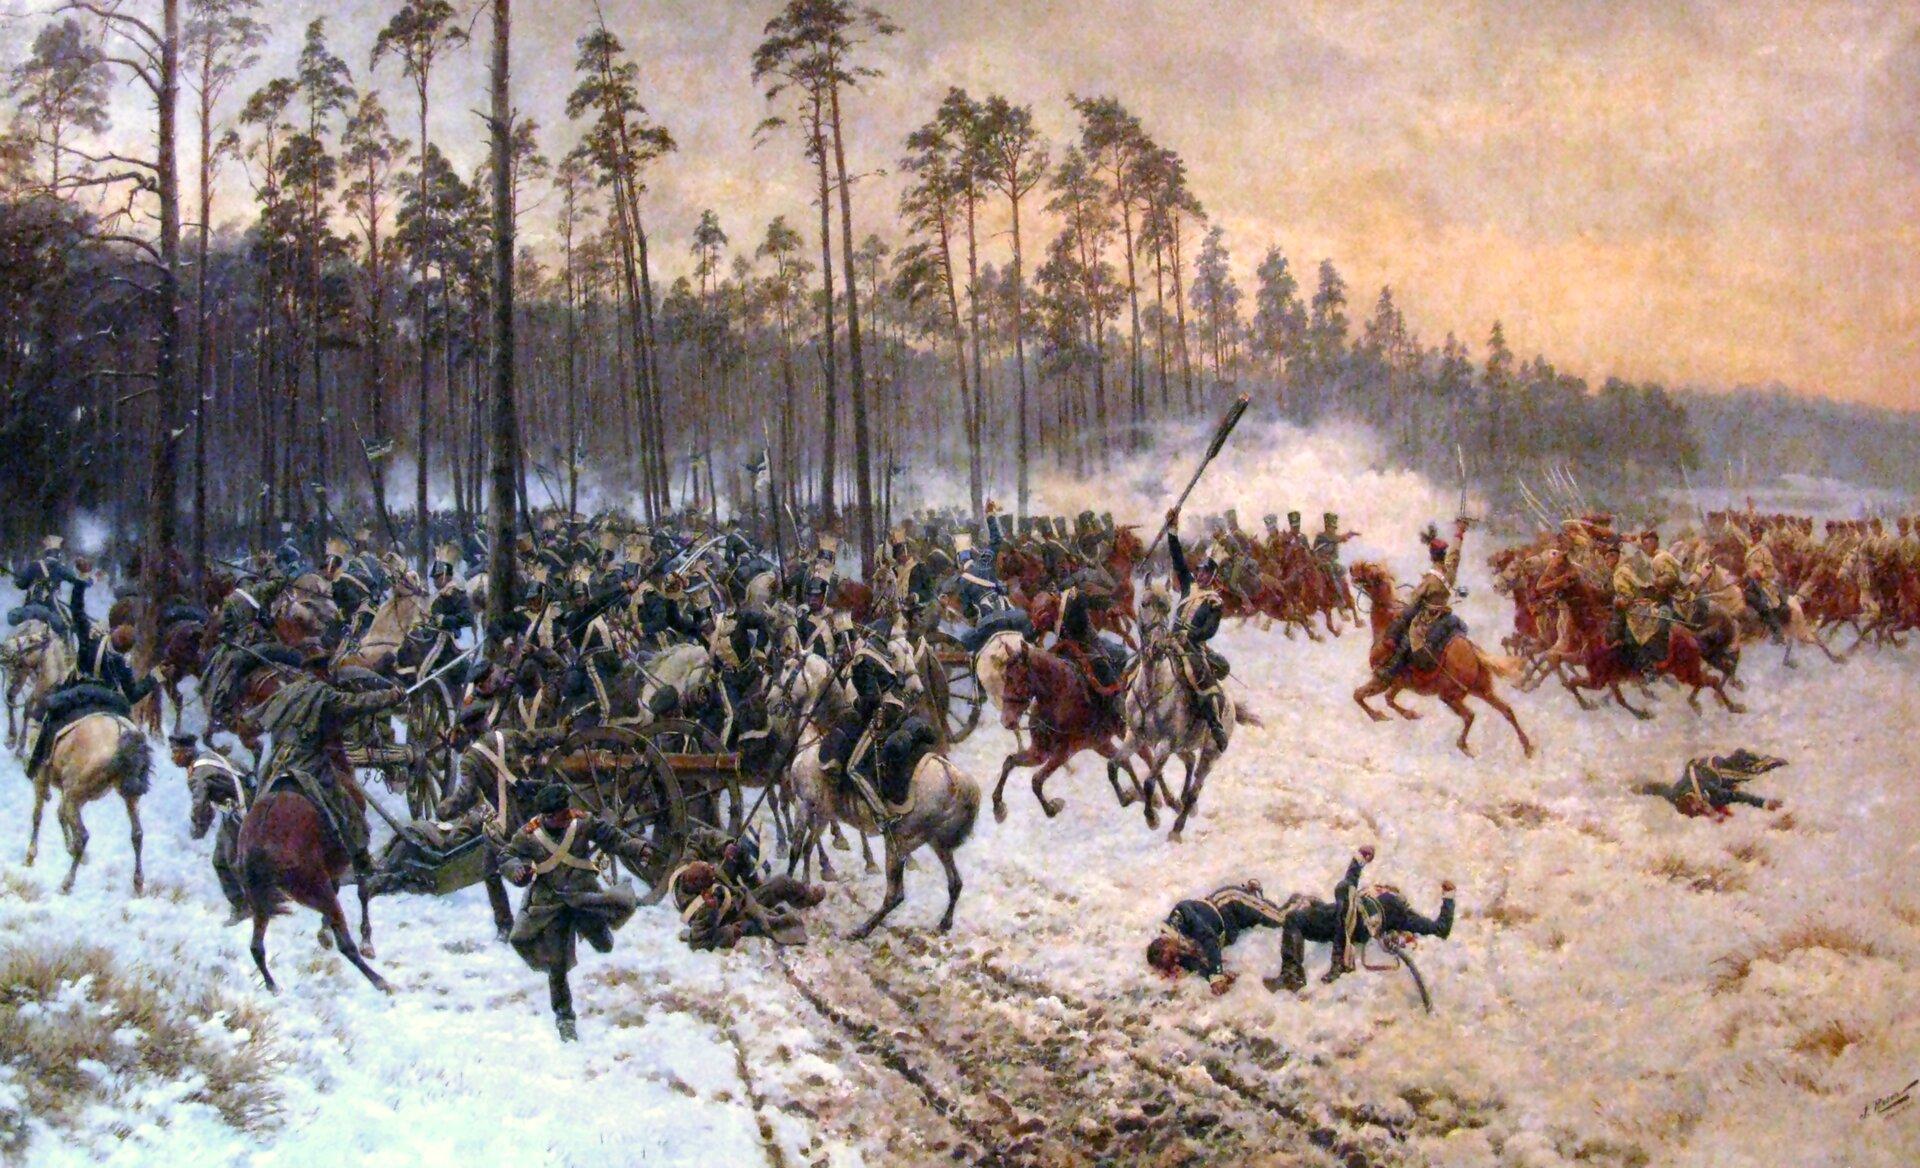 """Ilustracja przedstawia obraz Wojciecha Kossaka """"Olszynka Grochowska"""". Pierwszoplanowymi bohaterami są Czwartacy ― żołnierze czwartego Pułku Piechoty Liniowej, którzy strzelają do niewidocznych na obrazie przeciwników. Niektórzy padają pod pociskami wroga. Woddali widać armaty. Na drugim planie grupa wojskowych dosiadających koni otacza cywila wjasnym płaszczu icylindrze."""